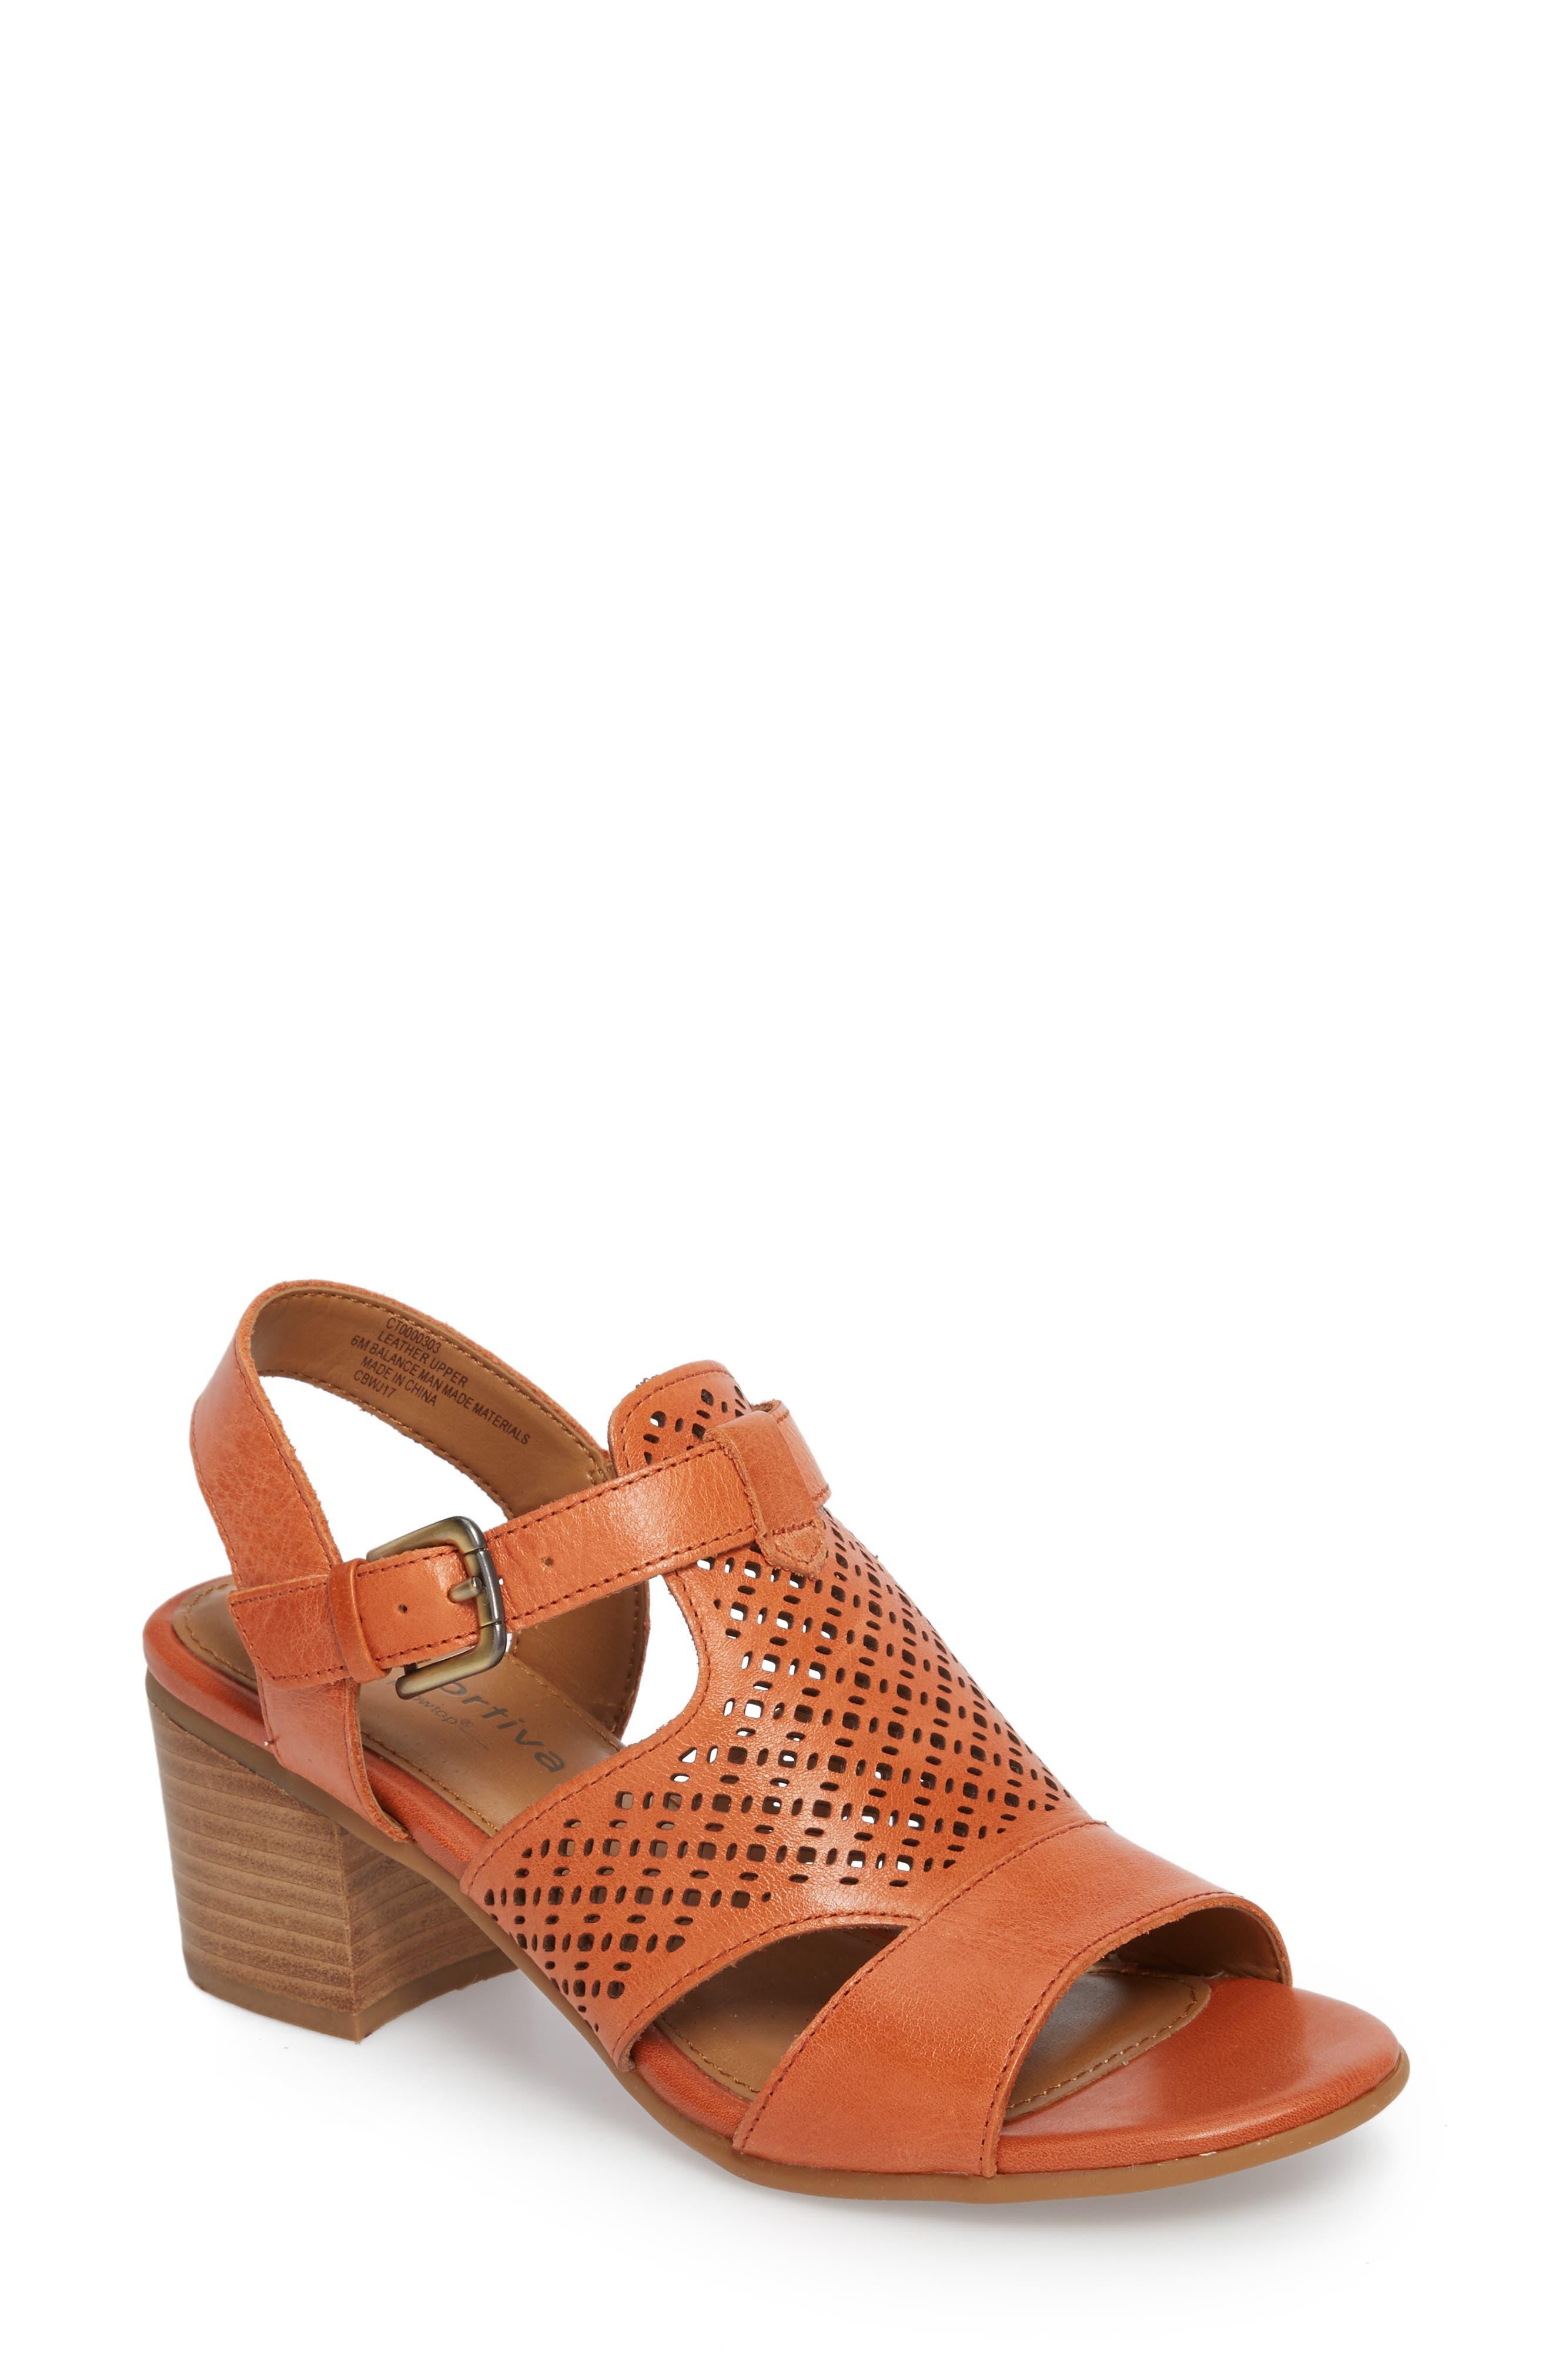 Amber Perforated Block Heel Sandal